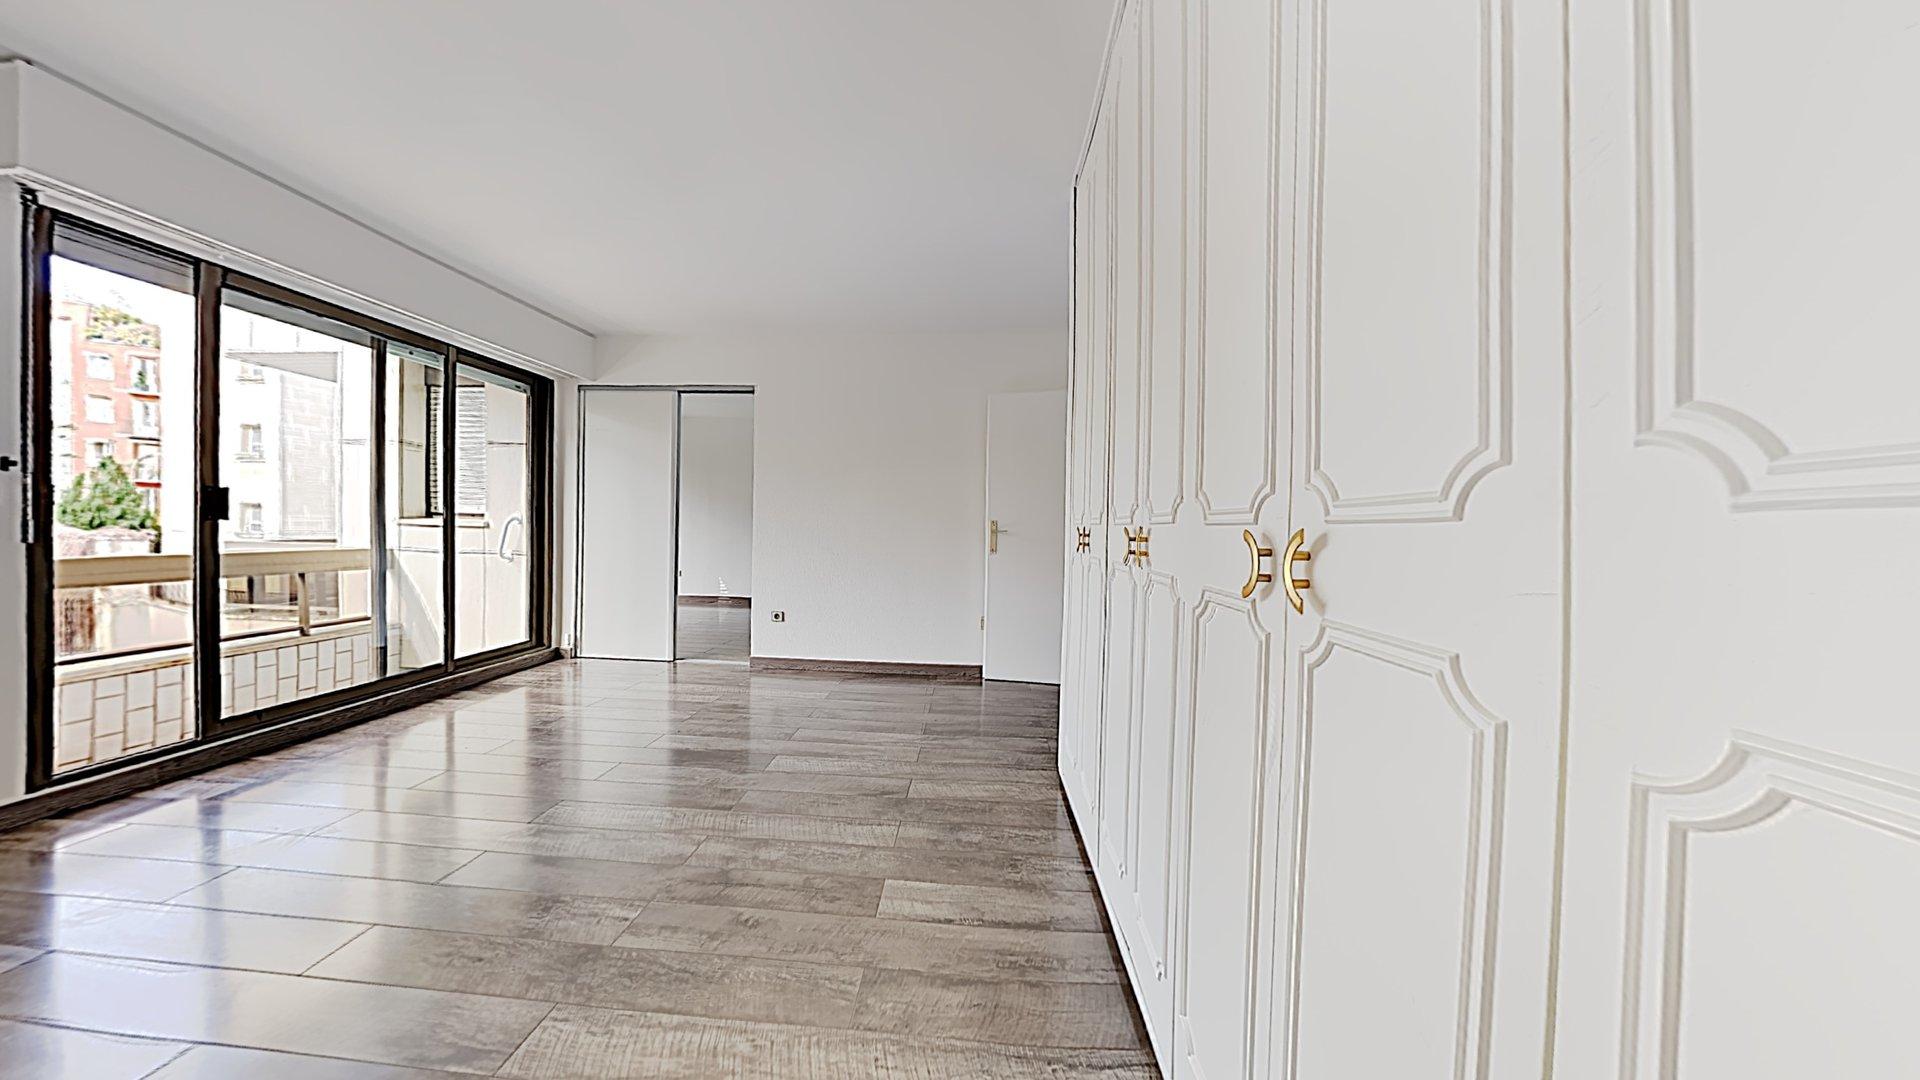 A louer - Appartement 2 pièces de 42m² avec balcons - Neuilly-sur-Seine (92200) MÉTRO PONT DE NEUILLY (L1)